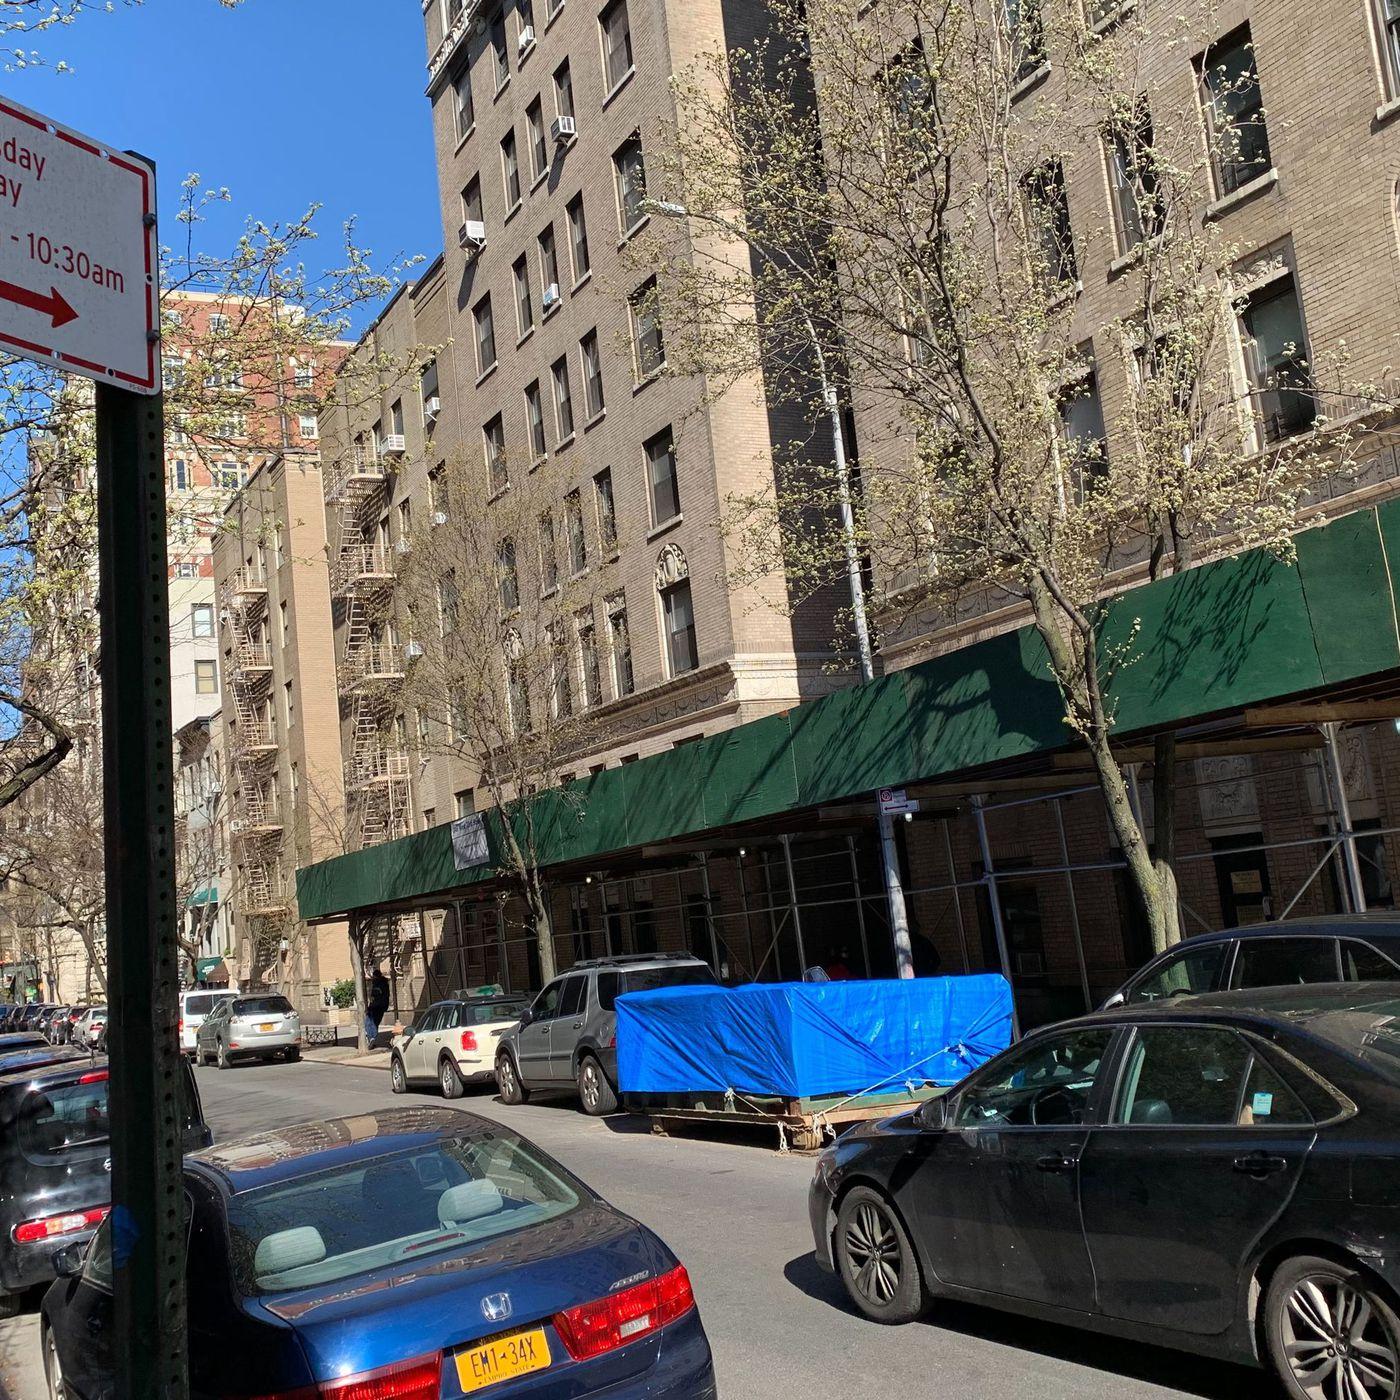 Alternate Side Parking Rules Haven't Budged Despite Crisis For Alternate Side Parking 2020 Calendar